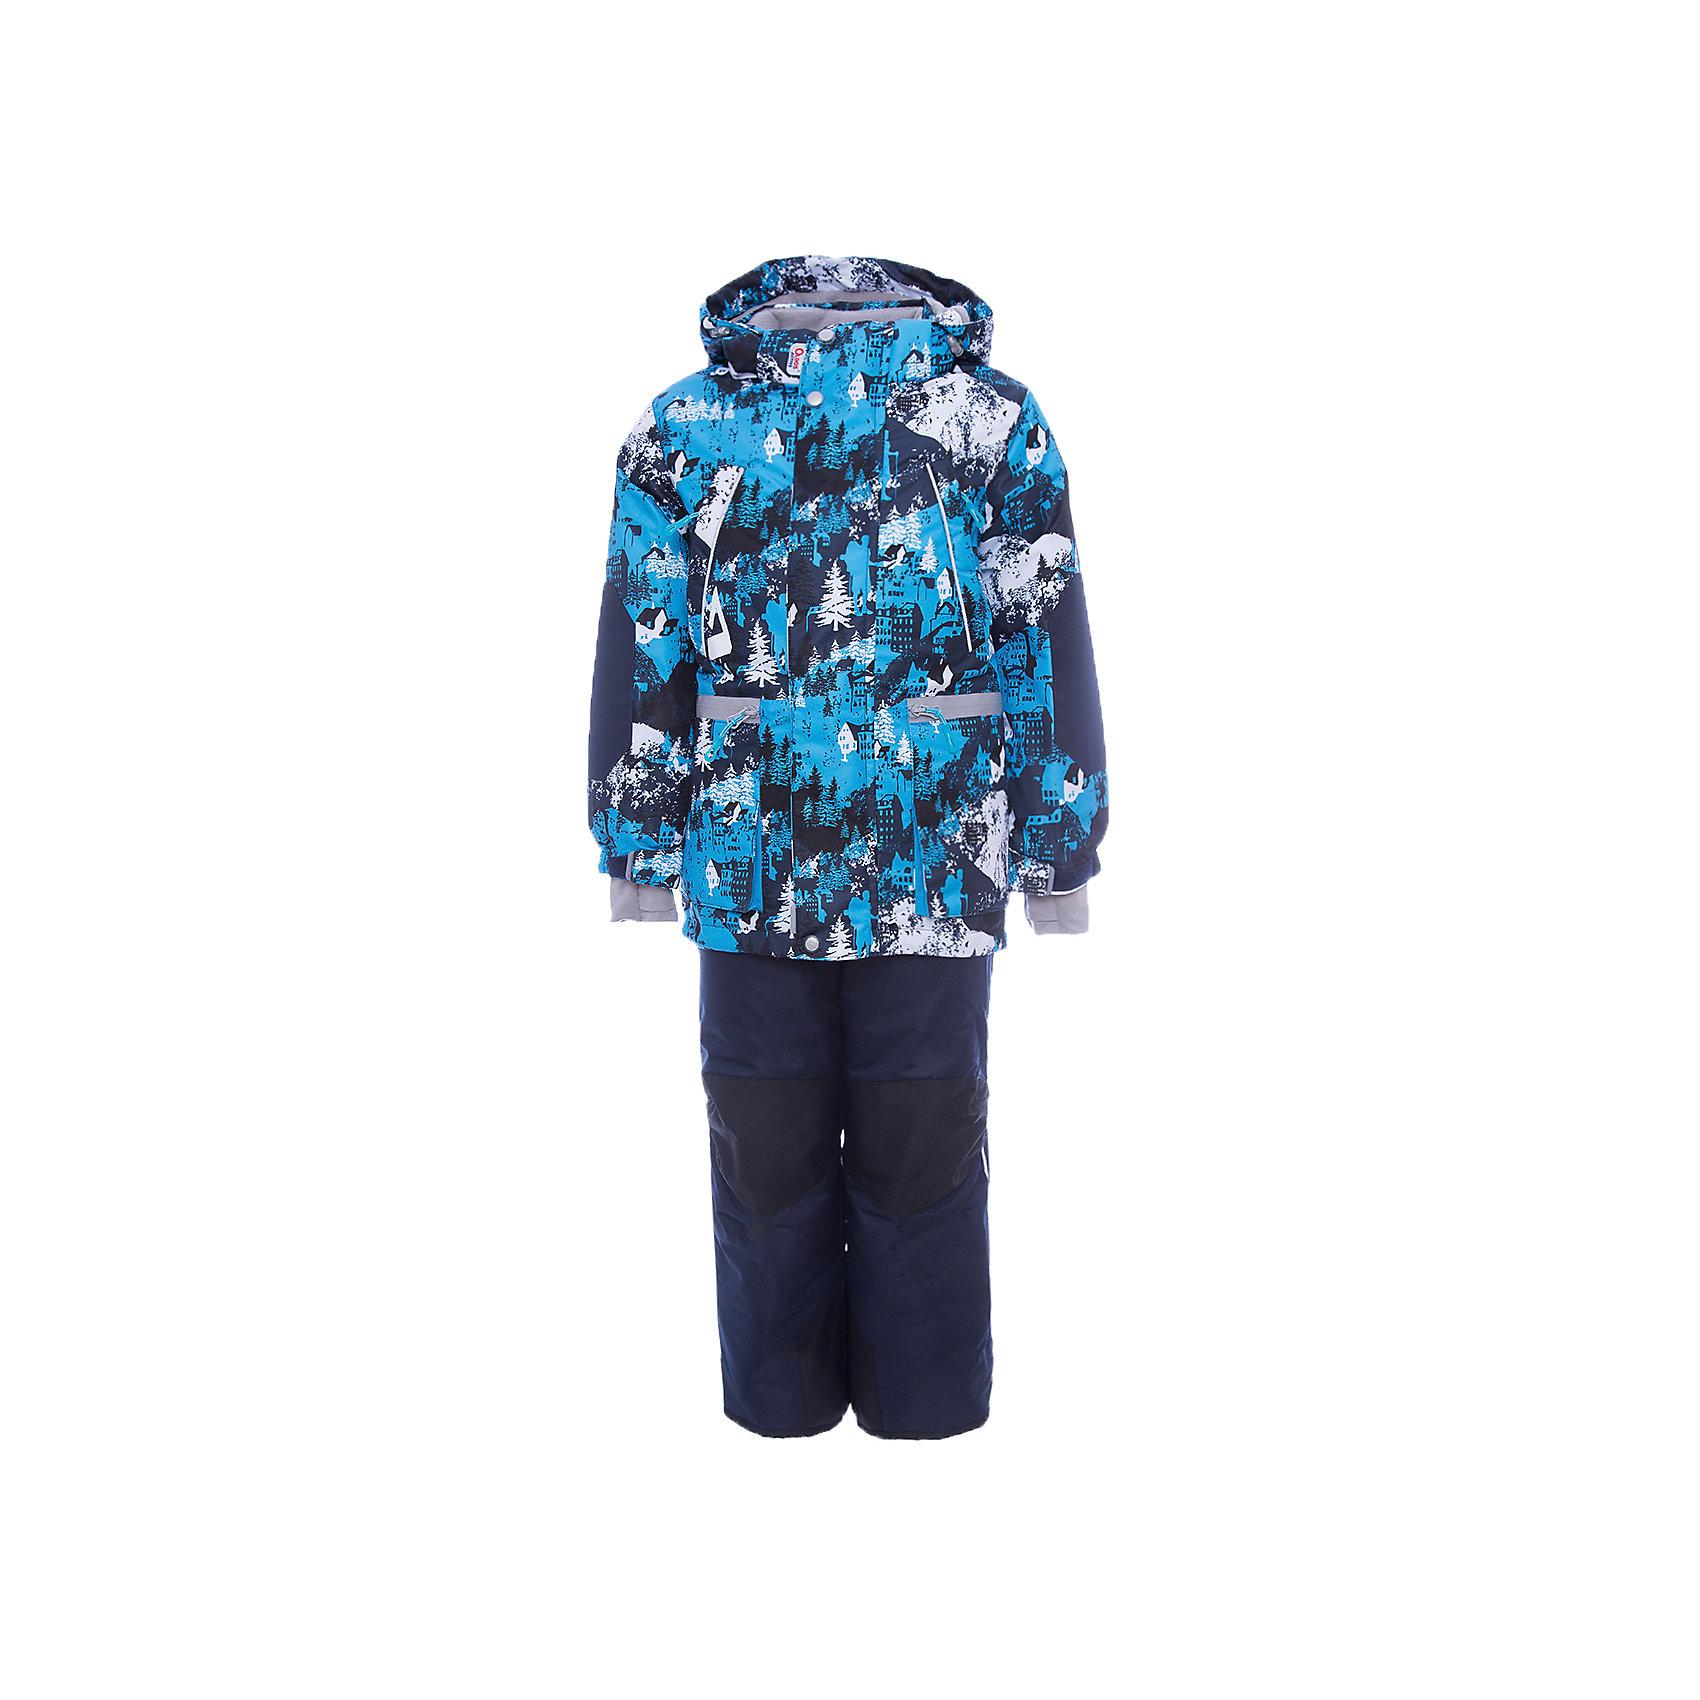 Комплект: куртка и полукомбинезон Коналл OLDOS для мальчикаВерхняя одежда<br>Характеристики товара:<br><br>• цвет: синий<br>• комплектация: куртка и полукомбинезон<br>• состав ткани: полиэстер, Teflon<br>• подкладка: флис<br>• утеплитель: Hollofan pro<br>• сезон: зима<br>• мембранное покрытие<br>• температурный режим: от -30 до +5<br>• водонепроницаемость: 5000 мм <br>• паропроницаемость: 5000 г/м2<br>• плотность утеплителя: куртка - 200 г/м2, полукомбинезон - 150 г/м2<br>• застежка: молния<br>• капюшон: без меха, съемный<br>• полукомбинезон усилен износостойкими вставками<br>• страна бренда: Россия<br>• страна изготовитель: Россия<br><br>Яркий мембранный комплект для мальчика дополнен элементами, помогающими подогнать его размер под ребенка. Прочное мембранное покрытие такого детского комплекта - это защита от воды и грязи, износостойкость, за ним легко ухаживать. Теплый зимний комплект от бренда Oldos разработан специально для детей.<br><br>Комплект: куртка и полукомбинезон Коналл Oldos (Олдос) для мальчика можно купить в нашем интернет-магазине.<br><br>Ширина мм: 356<br>Глубина мм: 10<br>Высота мм: 245<br>Вес г: 519<br>Цвет: синий<br>Возраст от месяцев: 108<br>Возраст до месяцев: 120<br>Пол: Мужской<br>Возраст: Детский<br>Размер: 140,92,98,104,110,116,122,128,134<br>SKU: 7016067